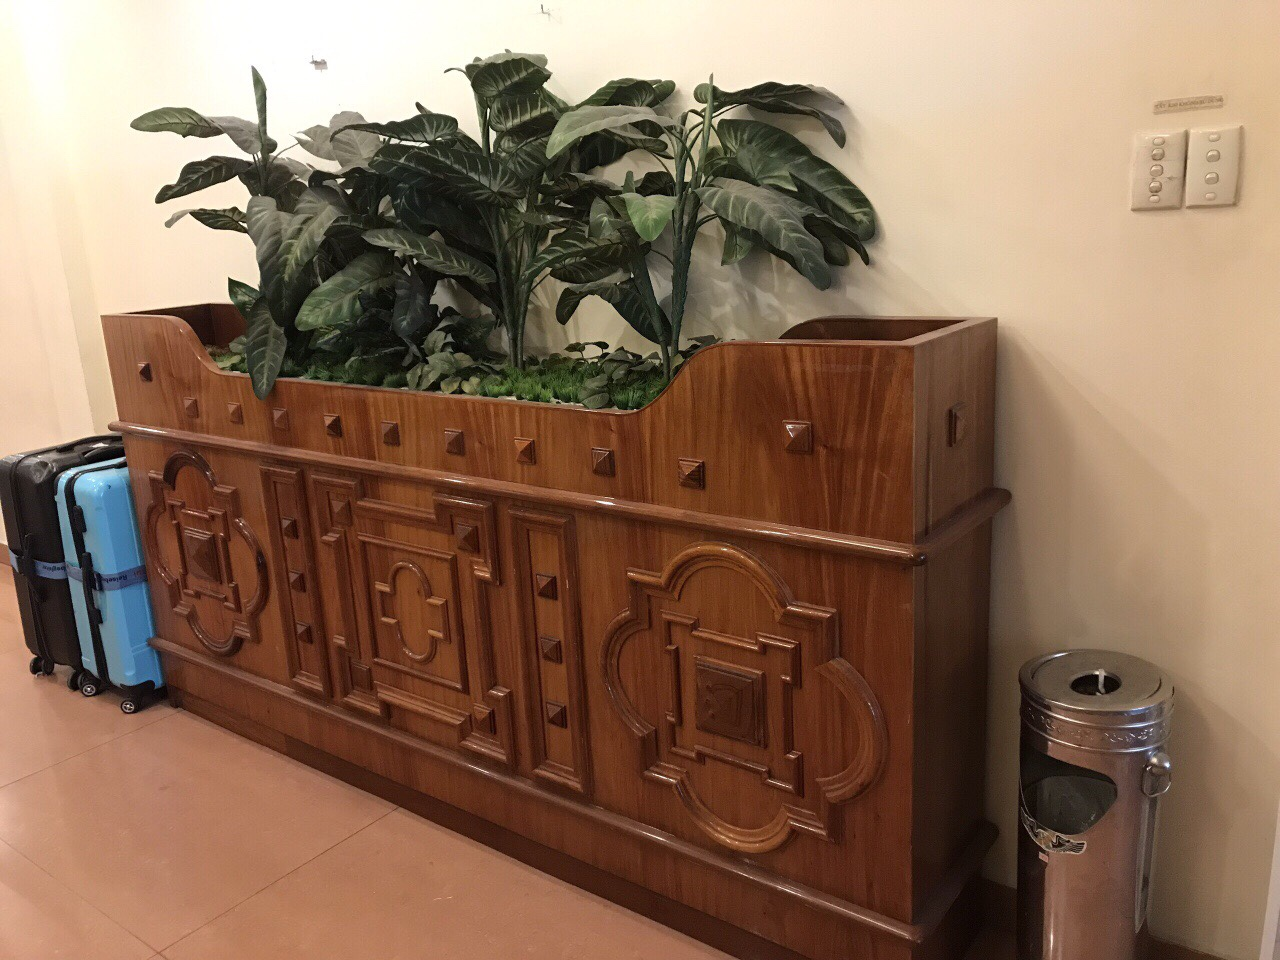 Quầy gỗ trang trí khách sạn đẹp thanh lý giá tốt